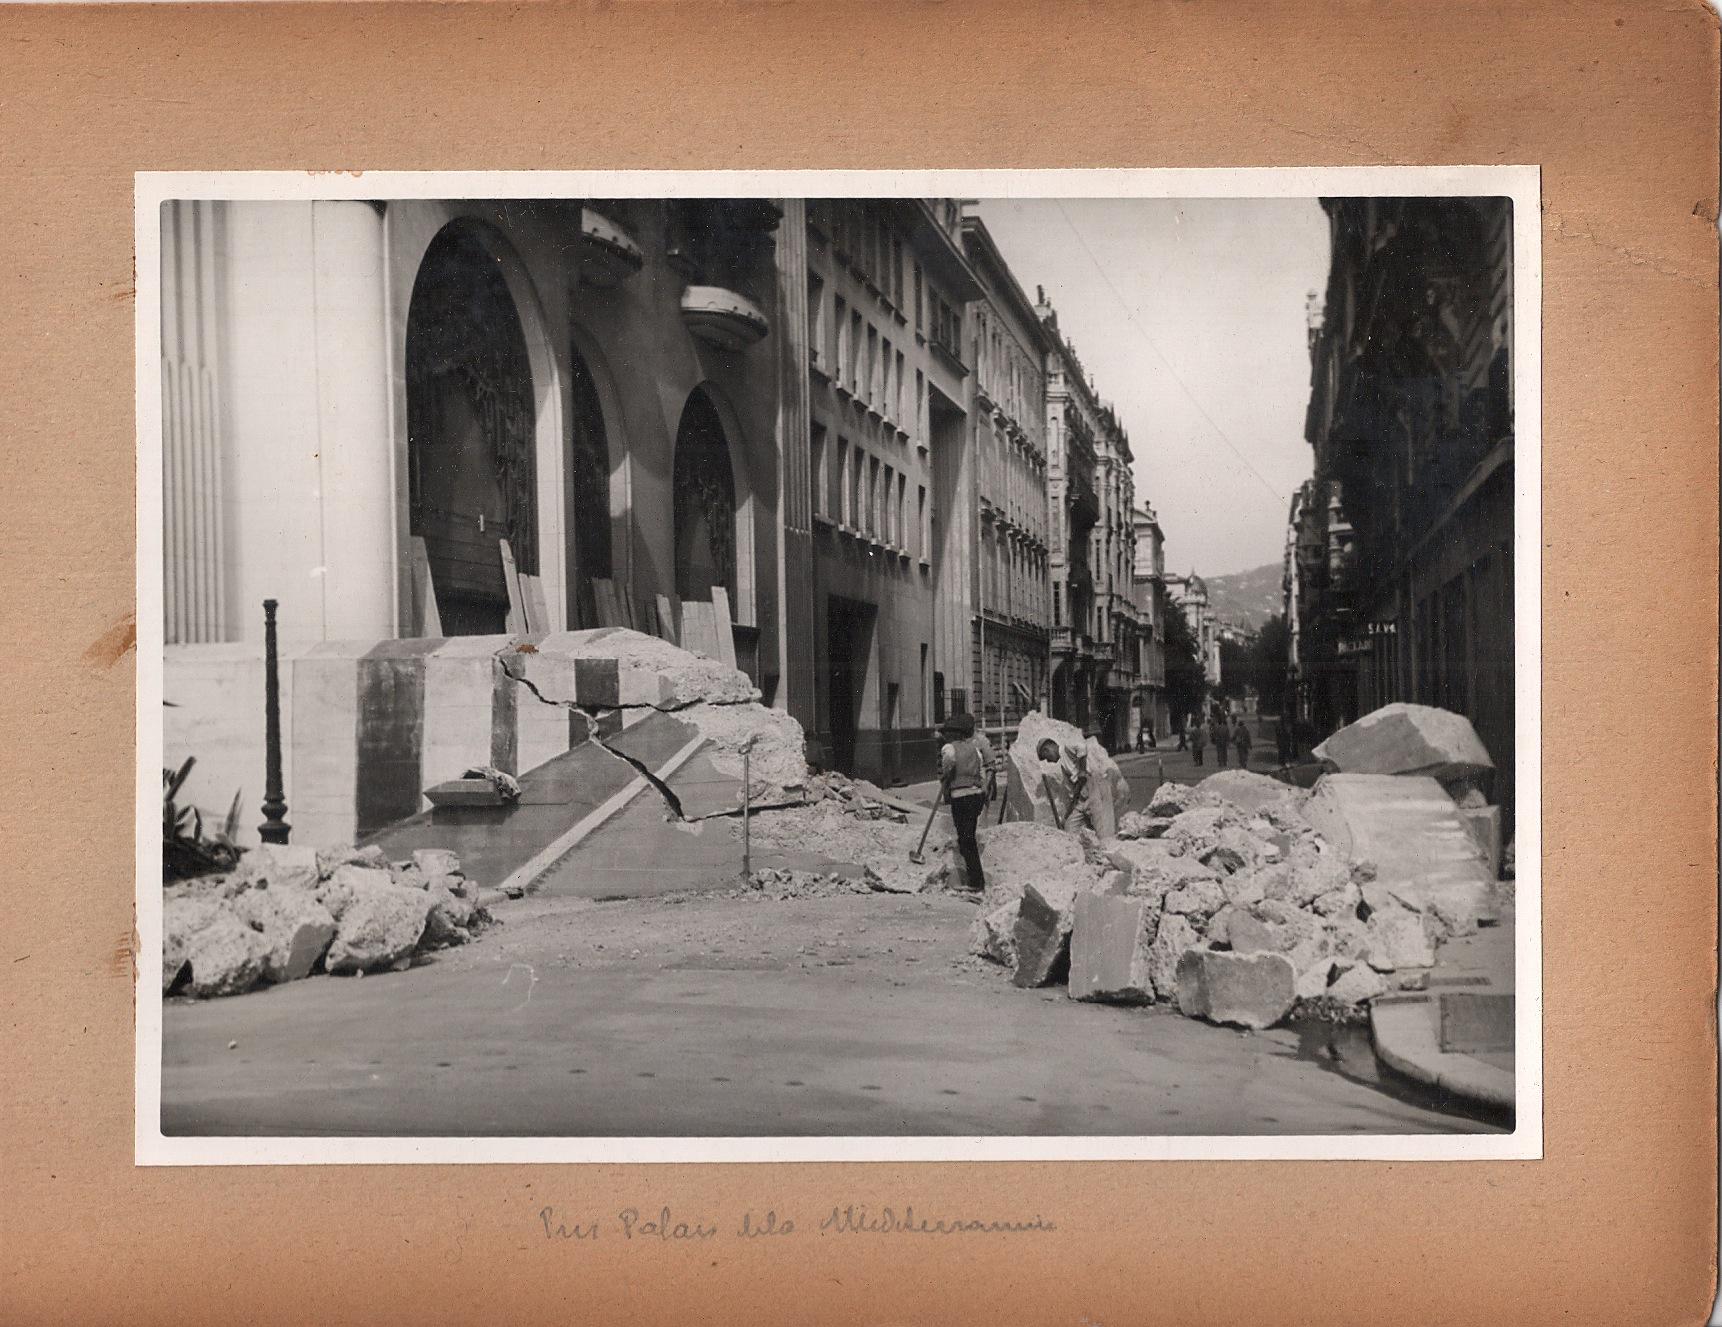 NICE 1944 108